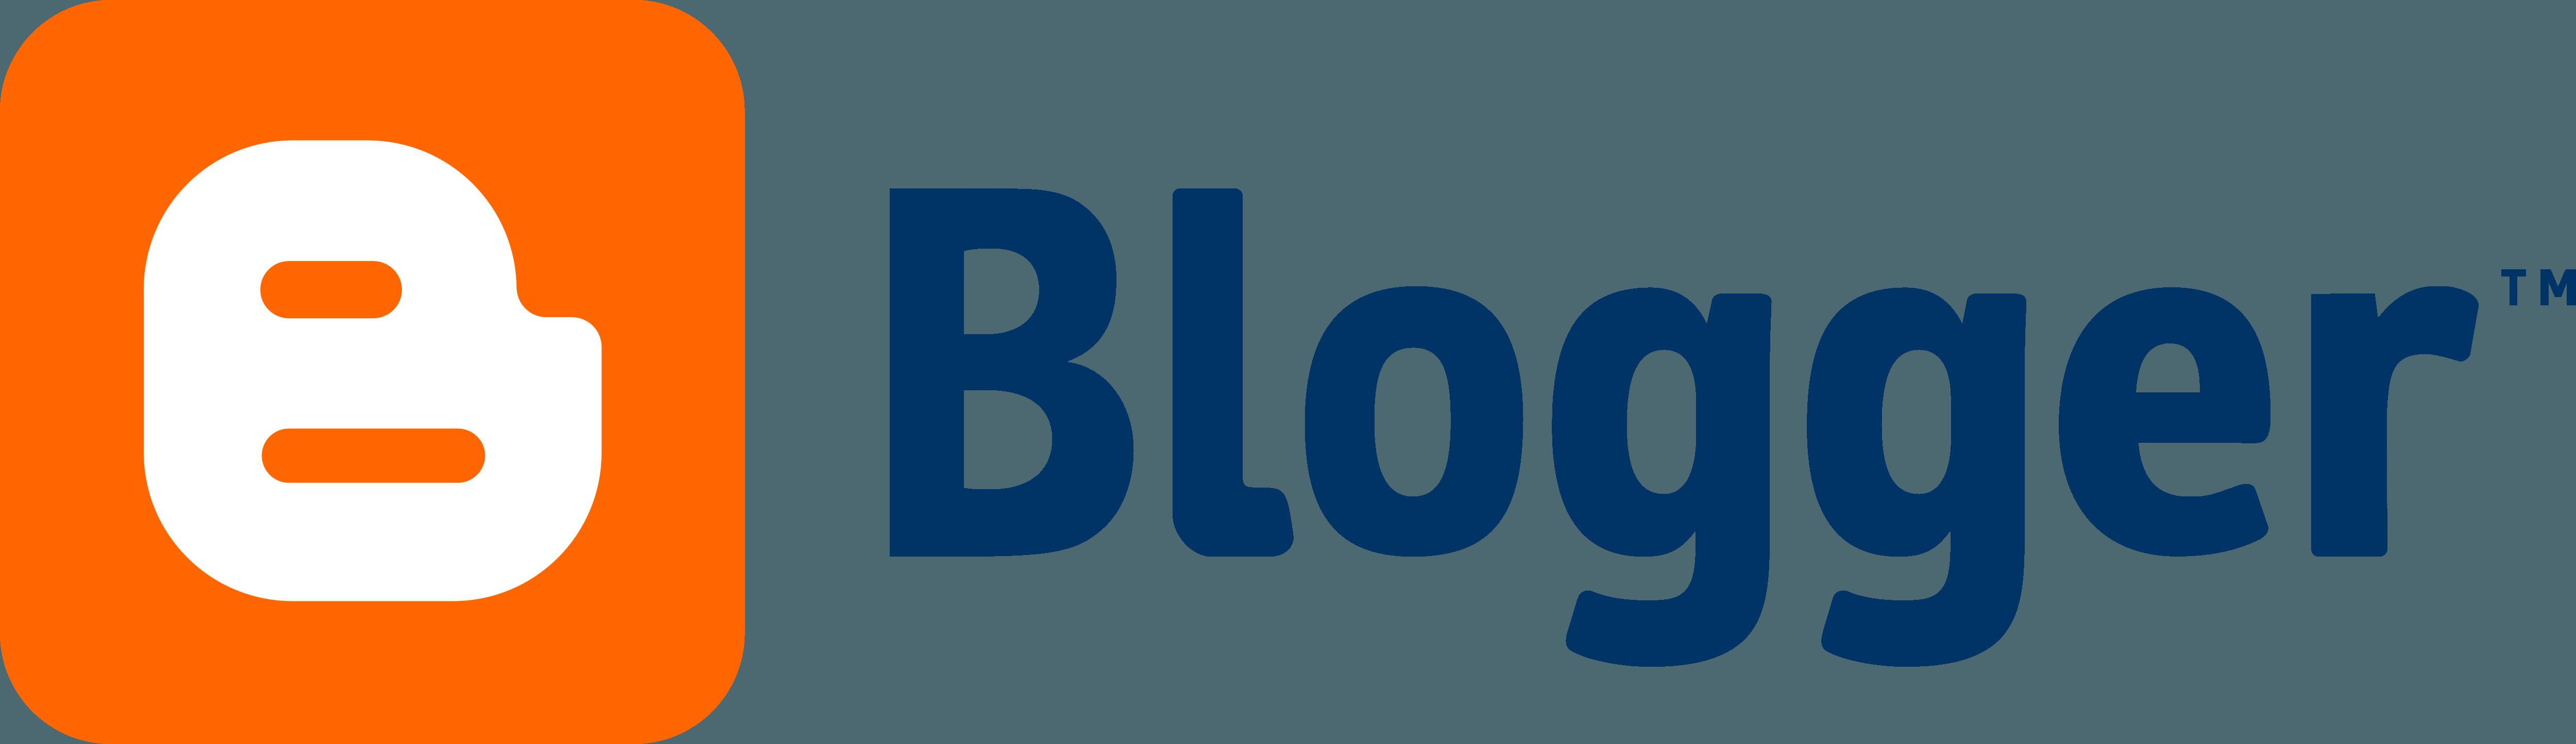 Blogger Logo.